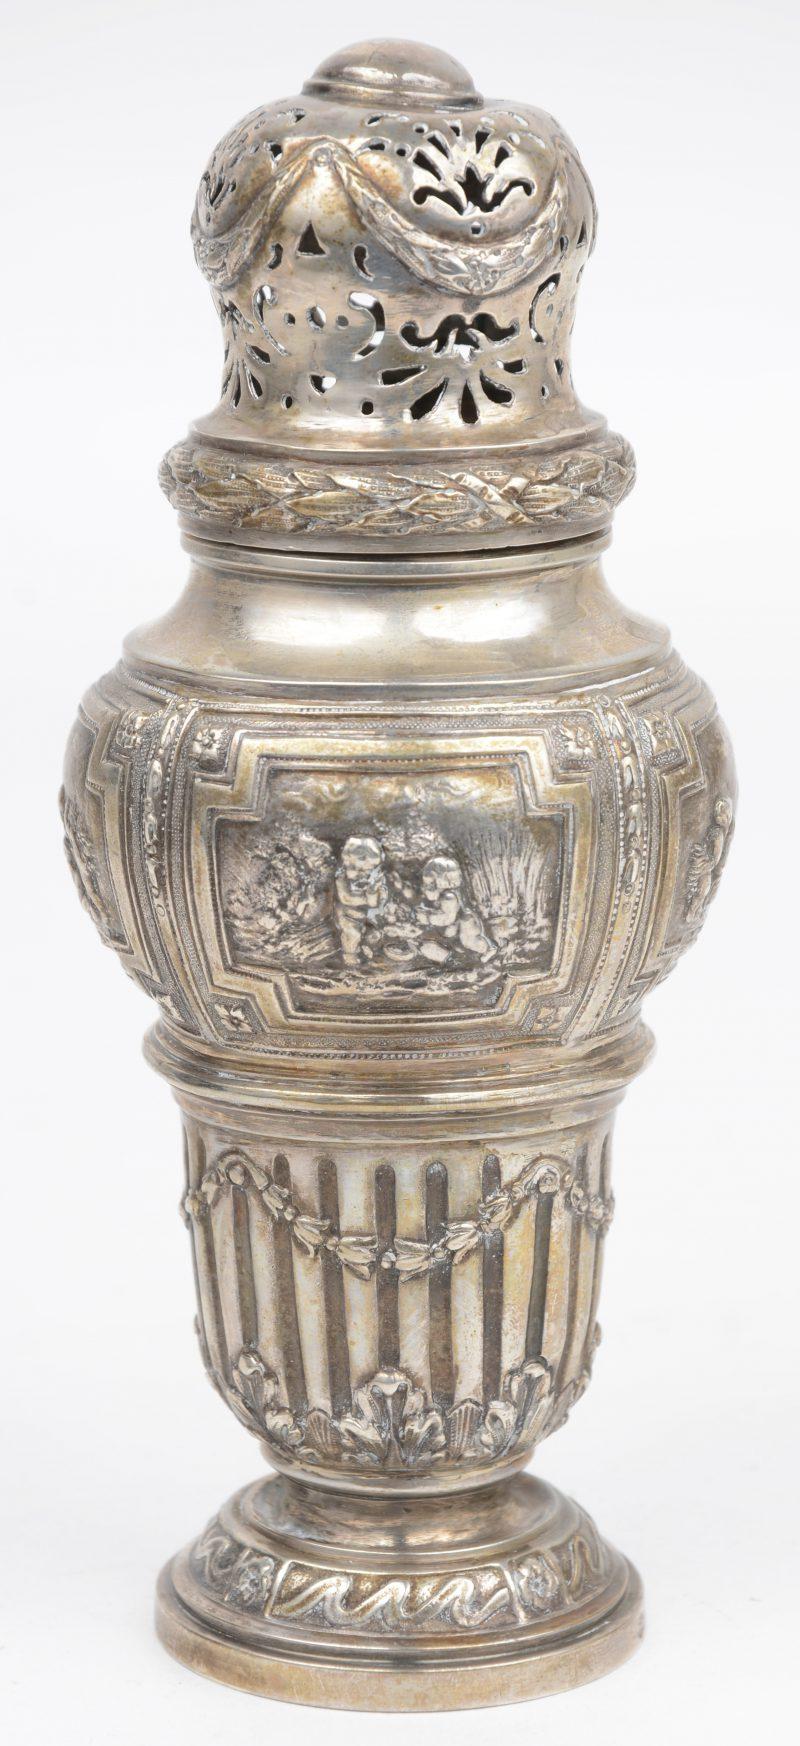 Massief zilveren strooibus op voetstuk met op de buik gedreven scènes met putti en een vaas. Lodewijk XVI-stijl. Onduidelijke keuren.